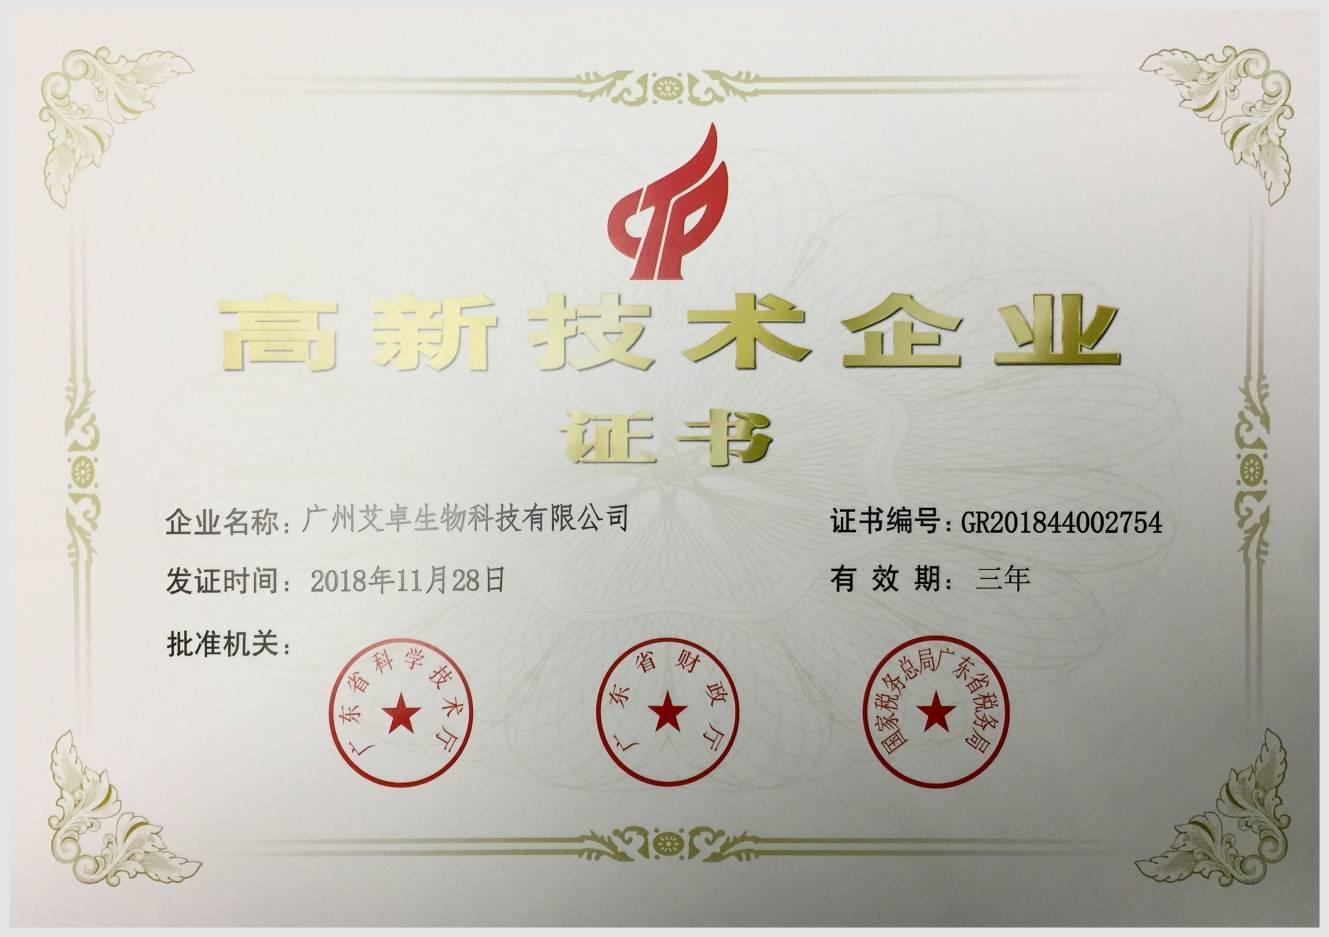 俏侬荣获高新技术企业证书